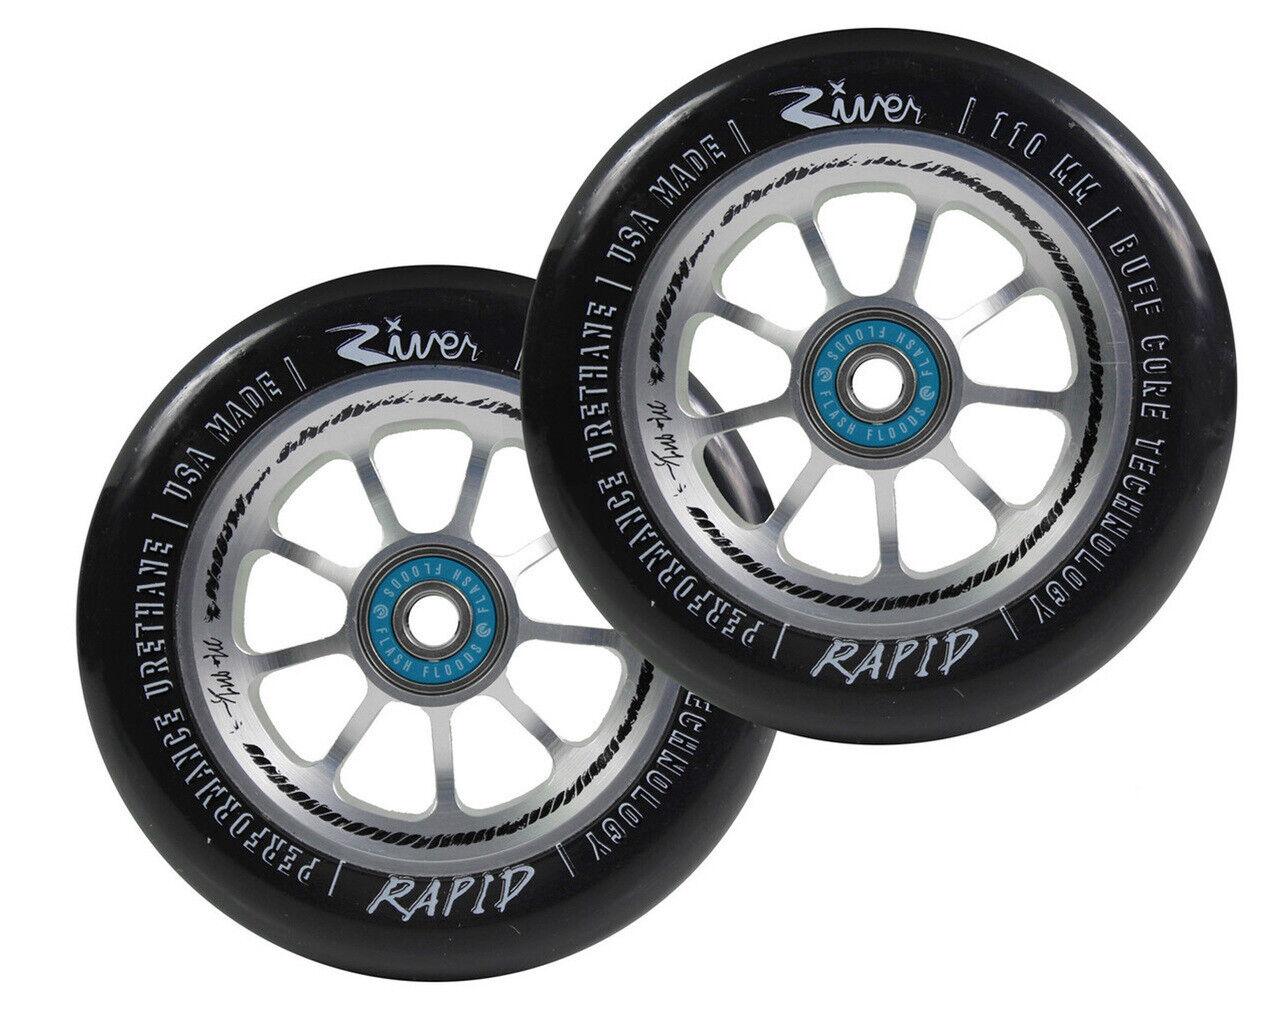 New River Wheels 110mm Negro Mate  Coches rápido Platascooter estilo libre  Para tu estilo de juego a los precios más baratos.